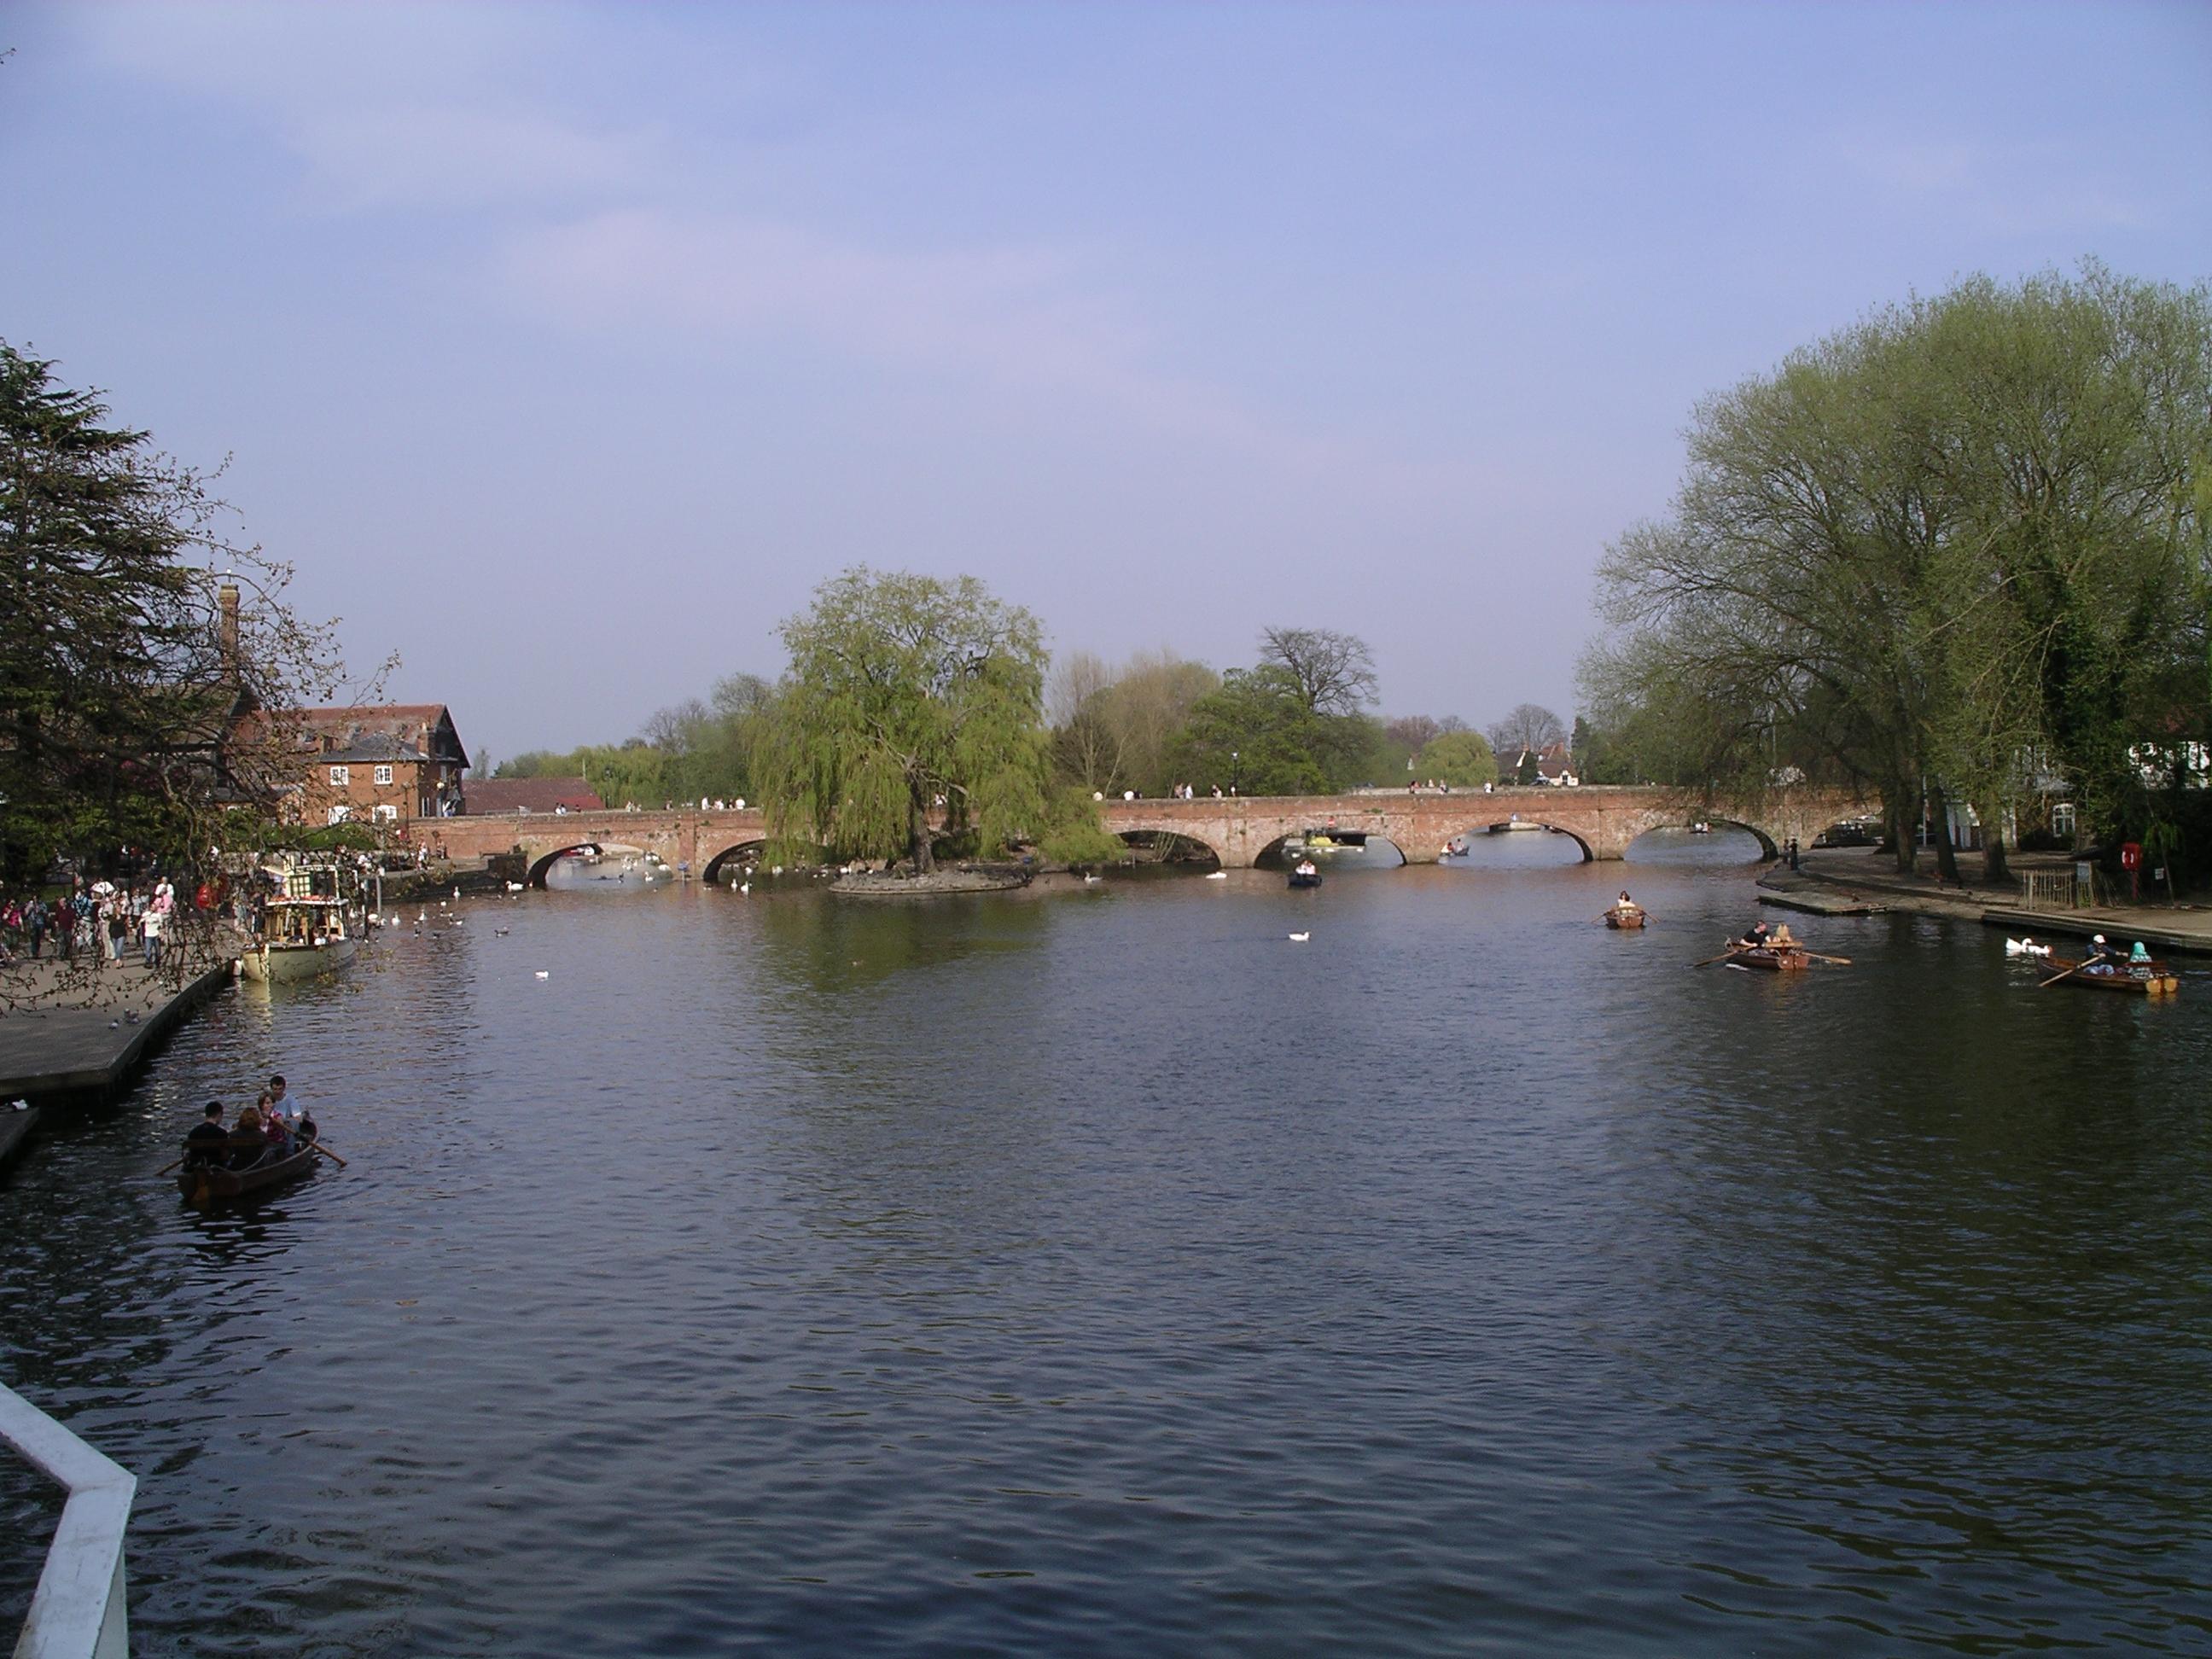 Channel Club Island Park